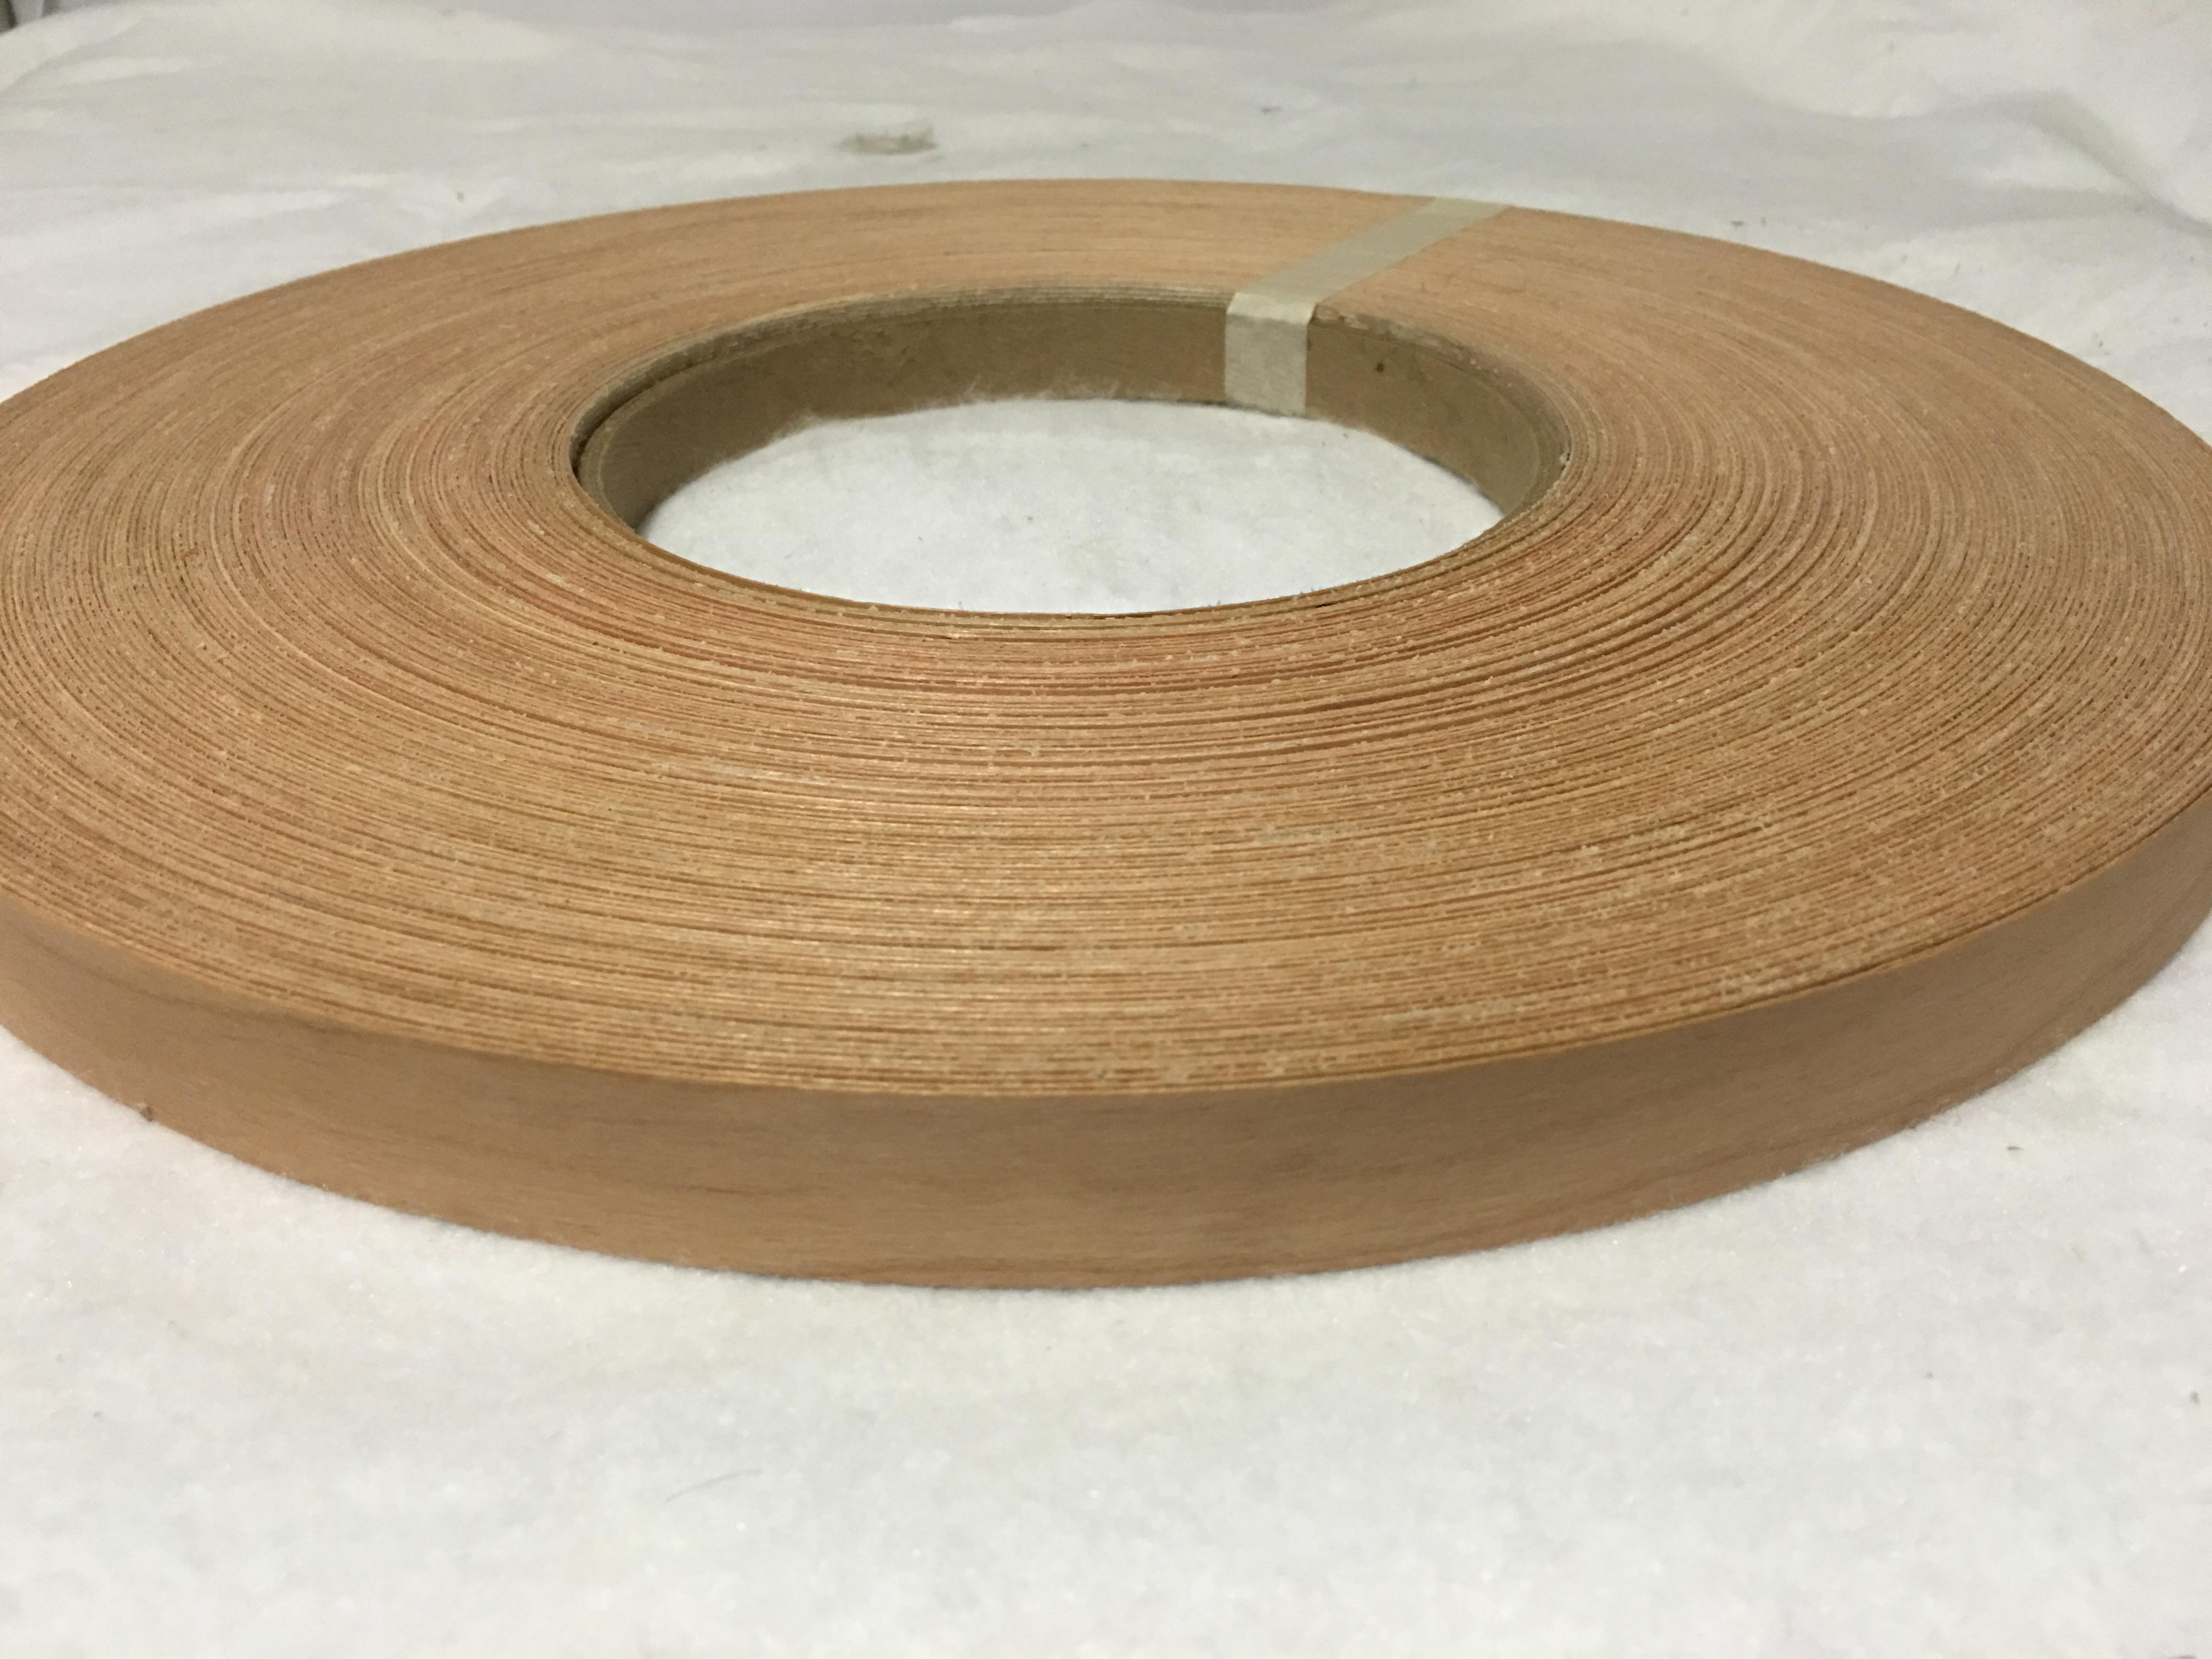 Wood Veneer Edgebanding Edge Banding Tape Pre Glued 7 8 X